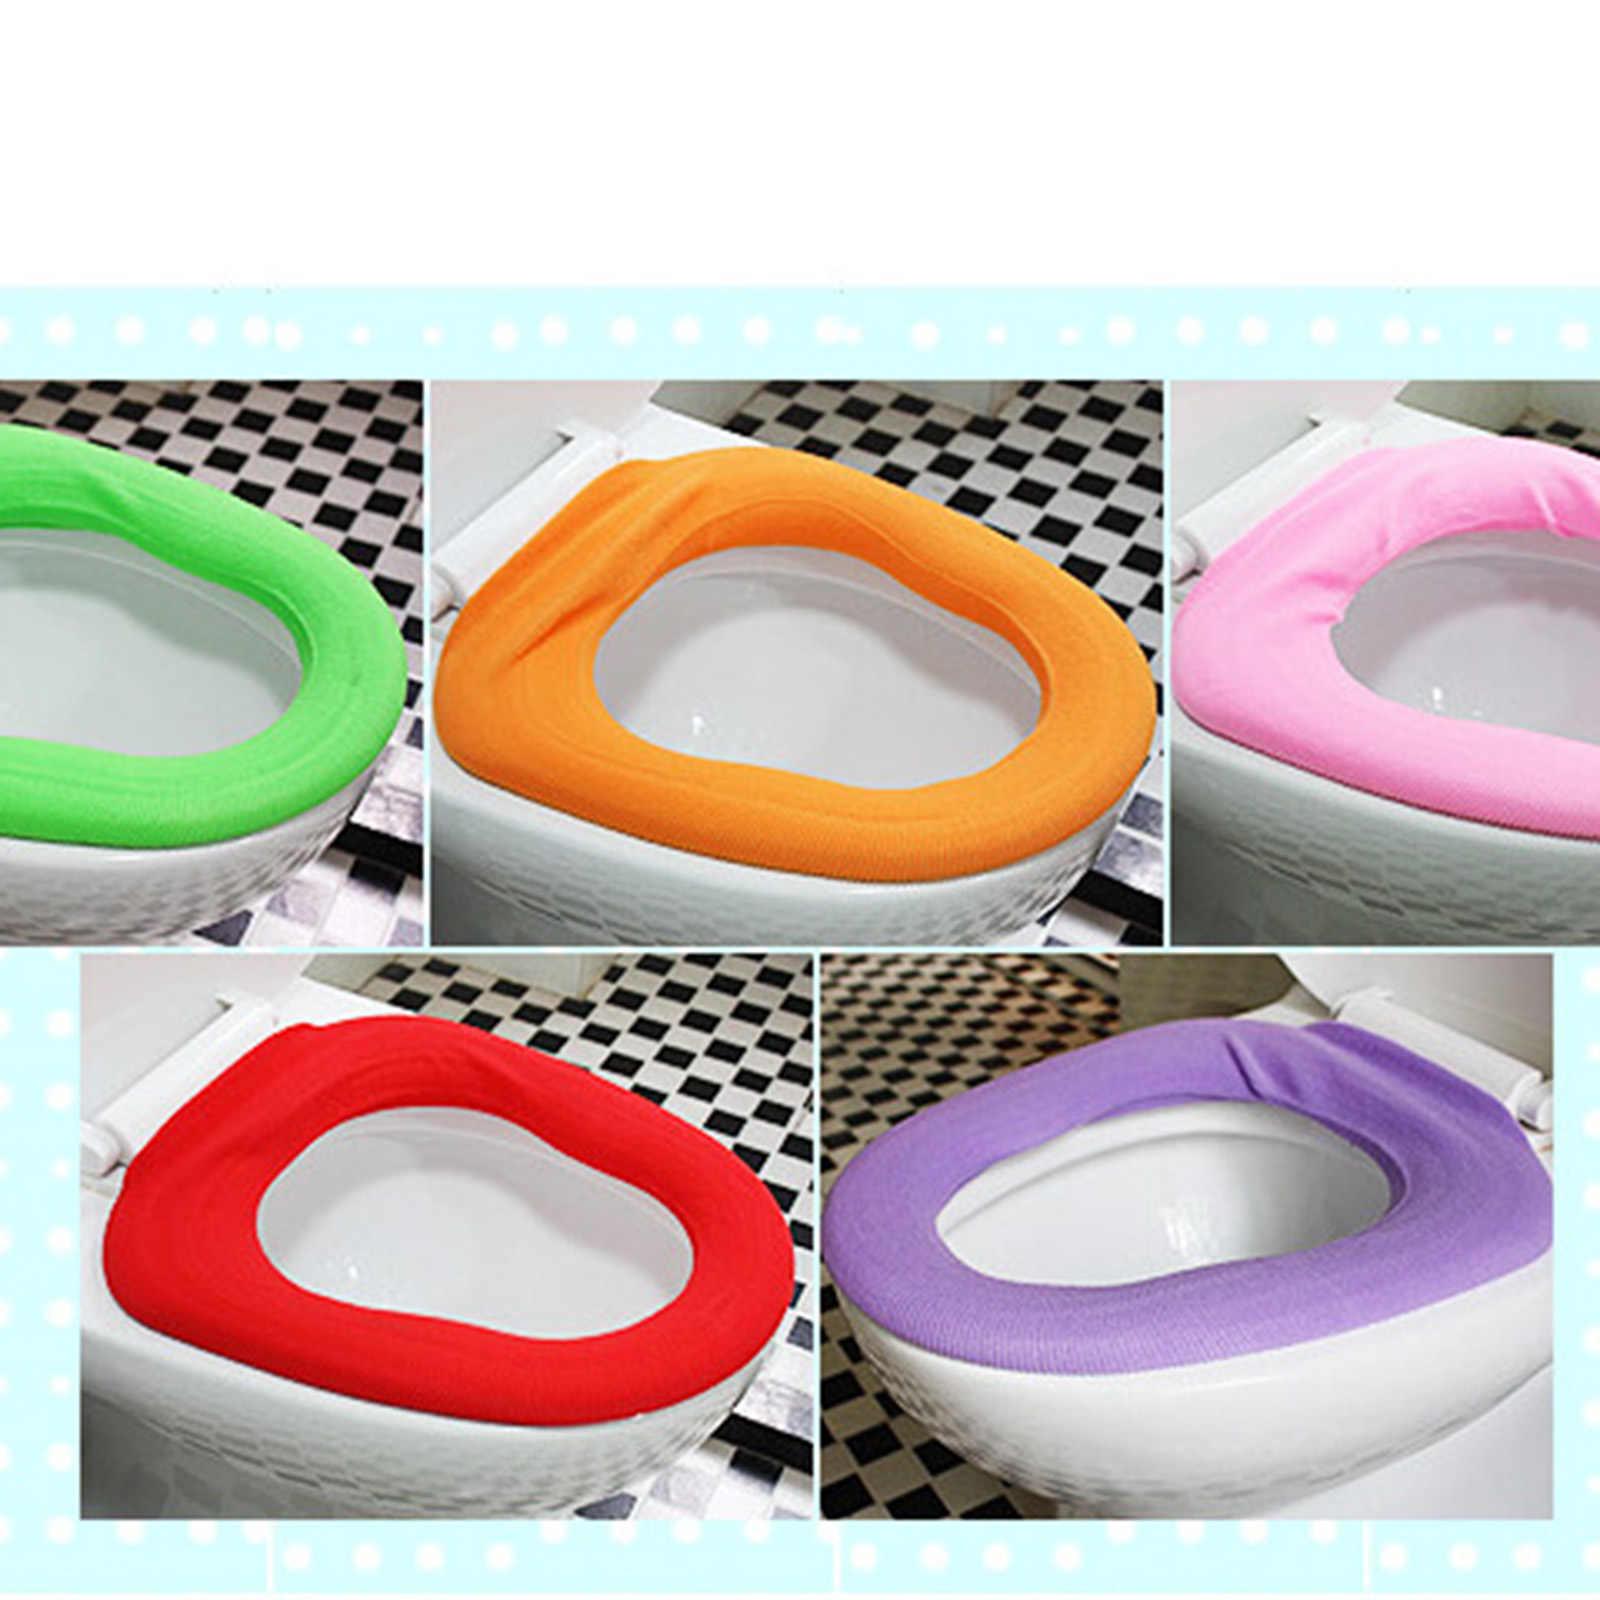 Nuevo Color caramelo de alta calidad Suave más cálido baño asiento de inodoro funda de asiento para inodoros cómodo asiento de orinal de bebé lavable